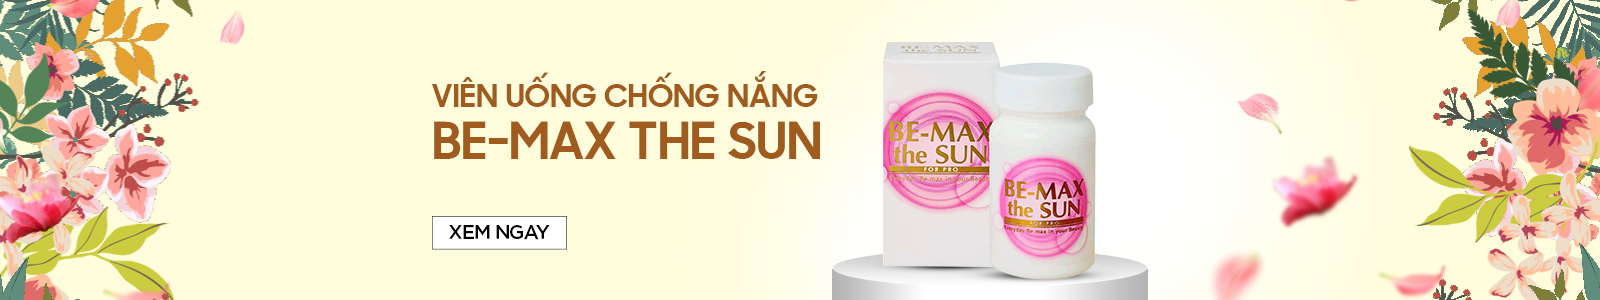 Viên uống chống nắng Be-Max The Sun 30 viên